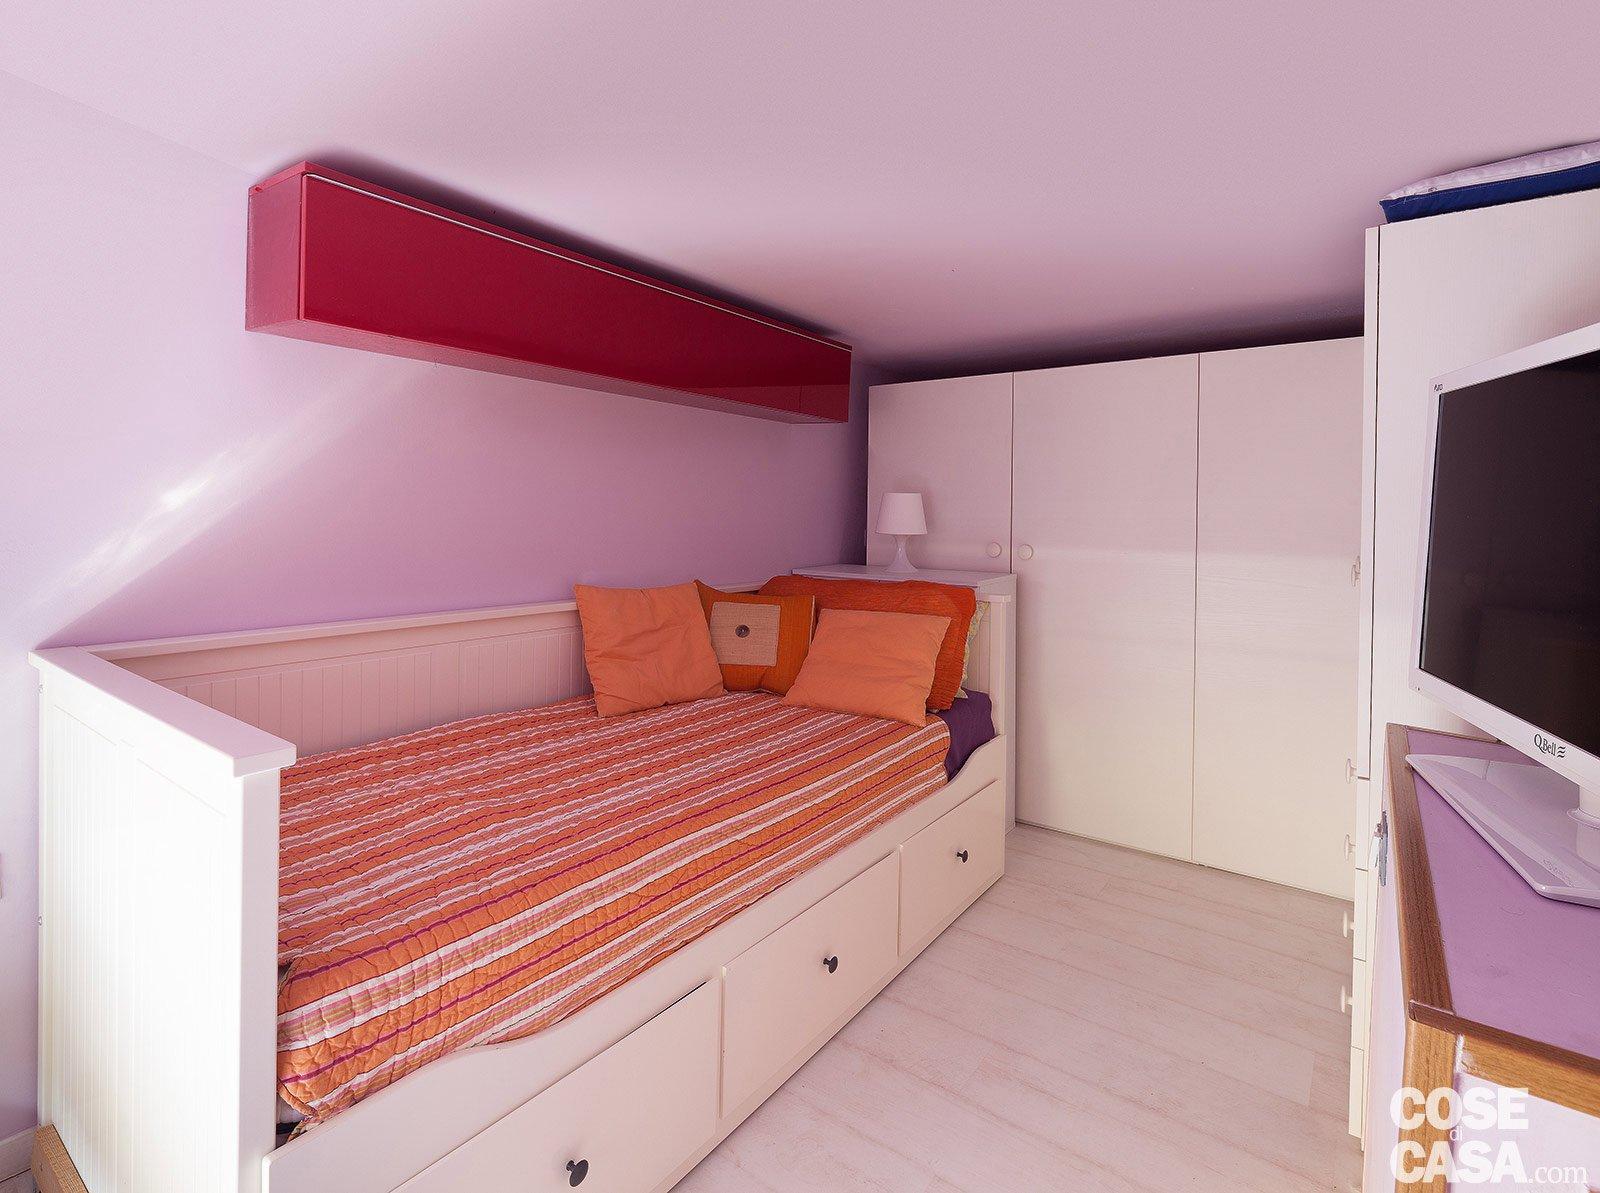 Planner camerette camerette a castelli plutone con cabina - Camere da letto ikea ...